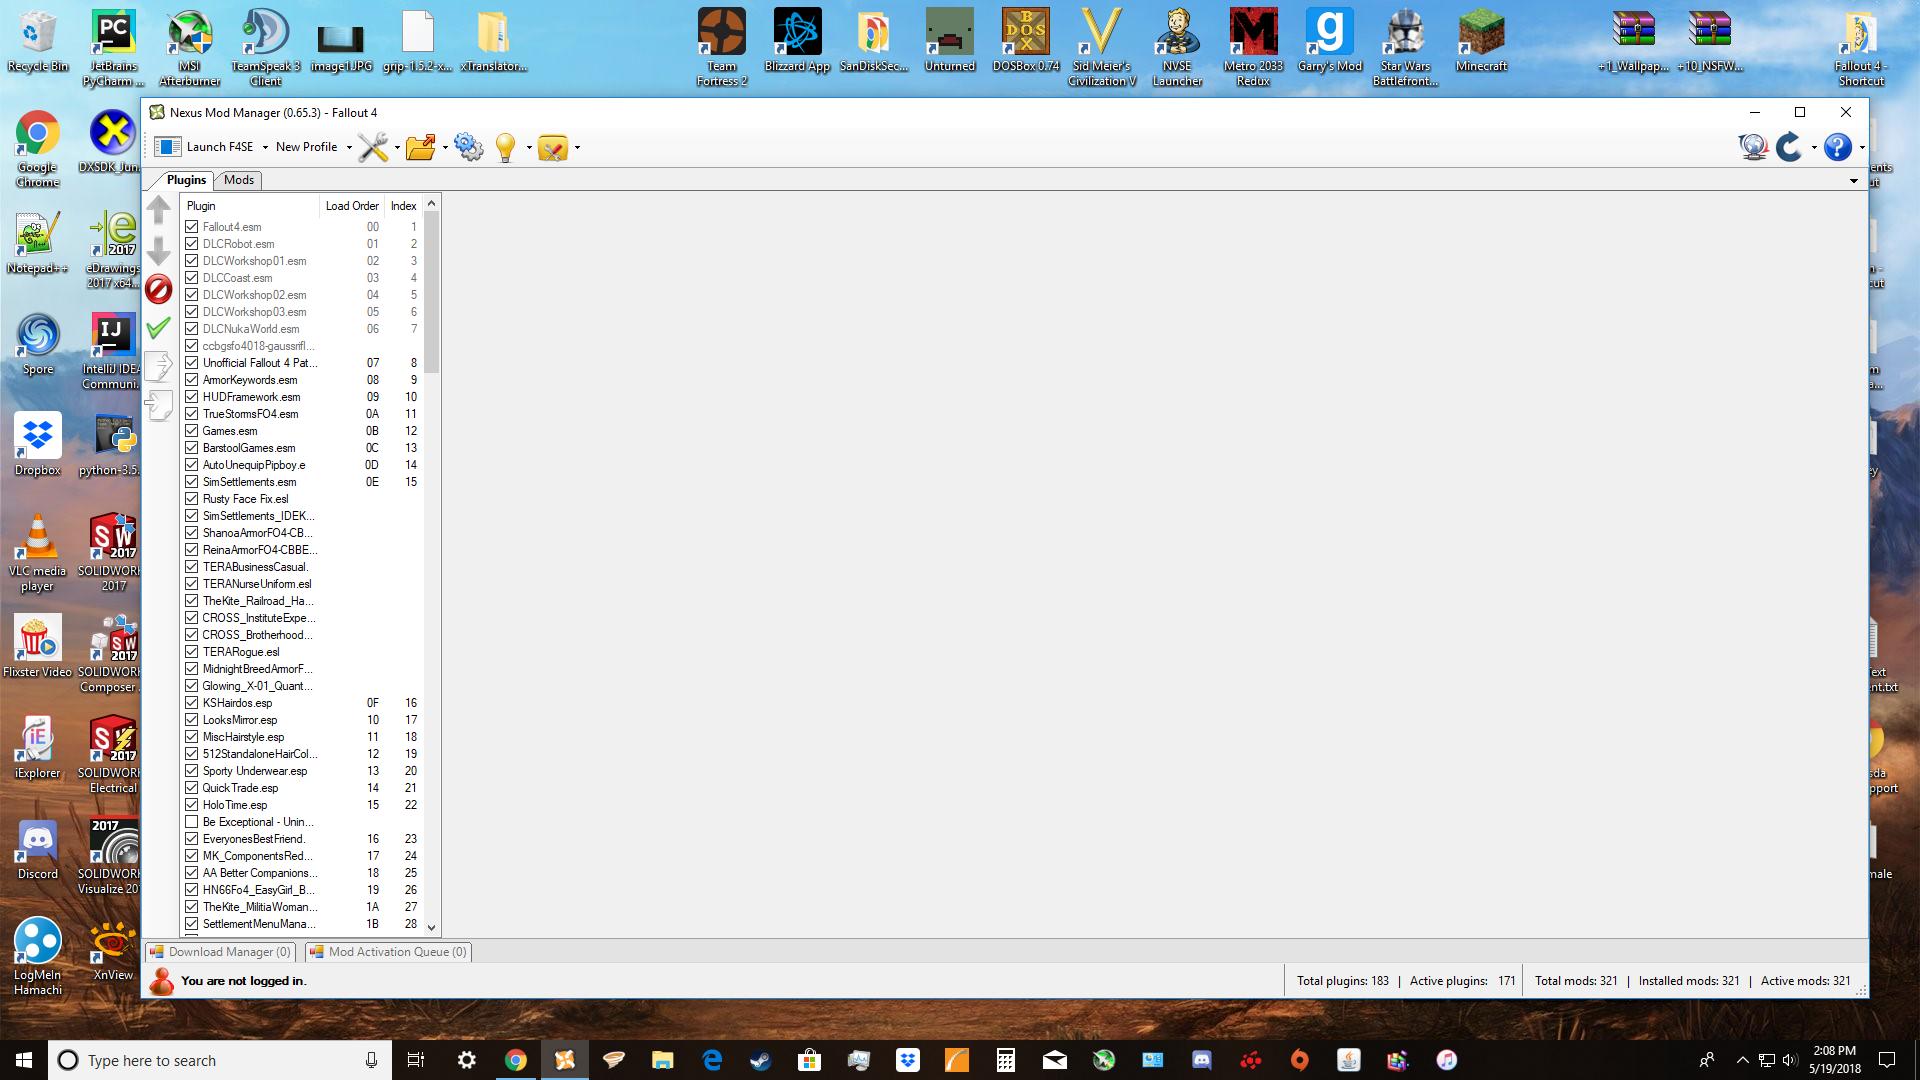 nexus mod manager won't log in | o32n softwarespirit com